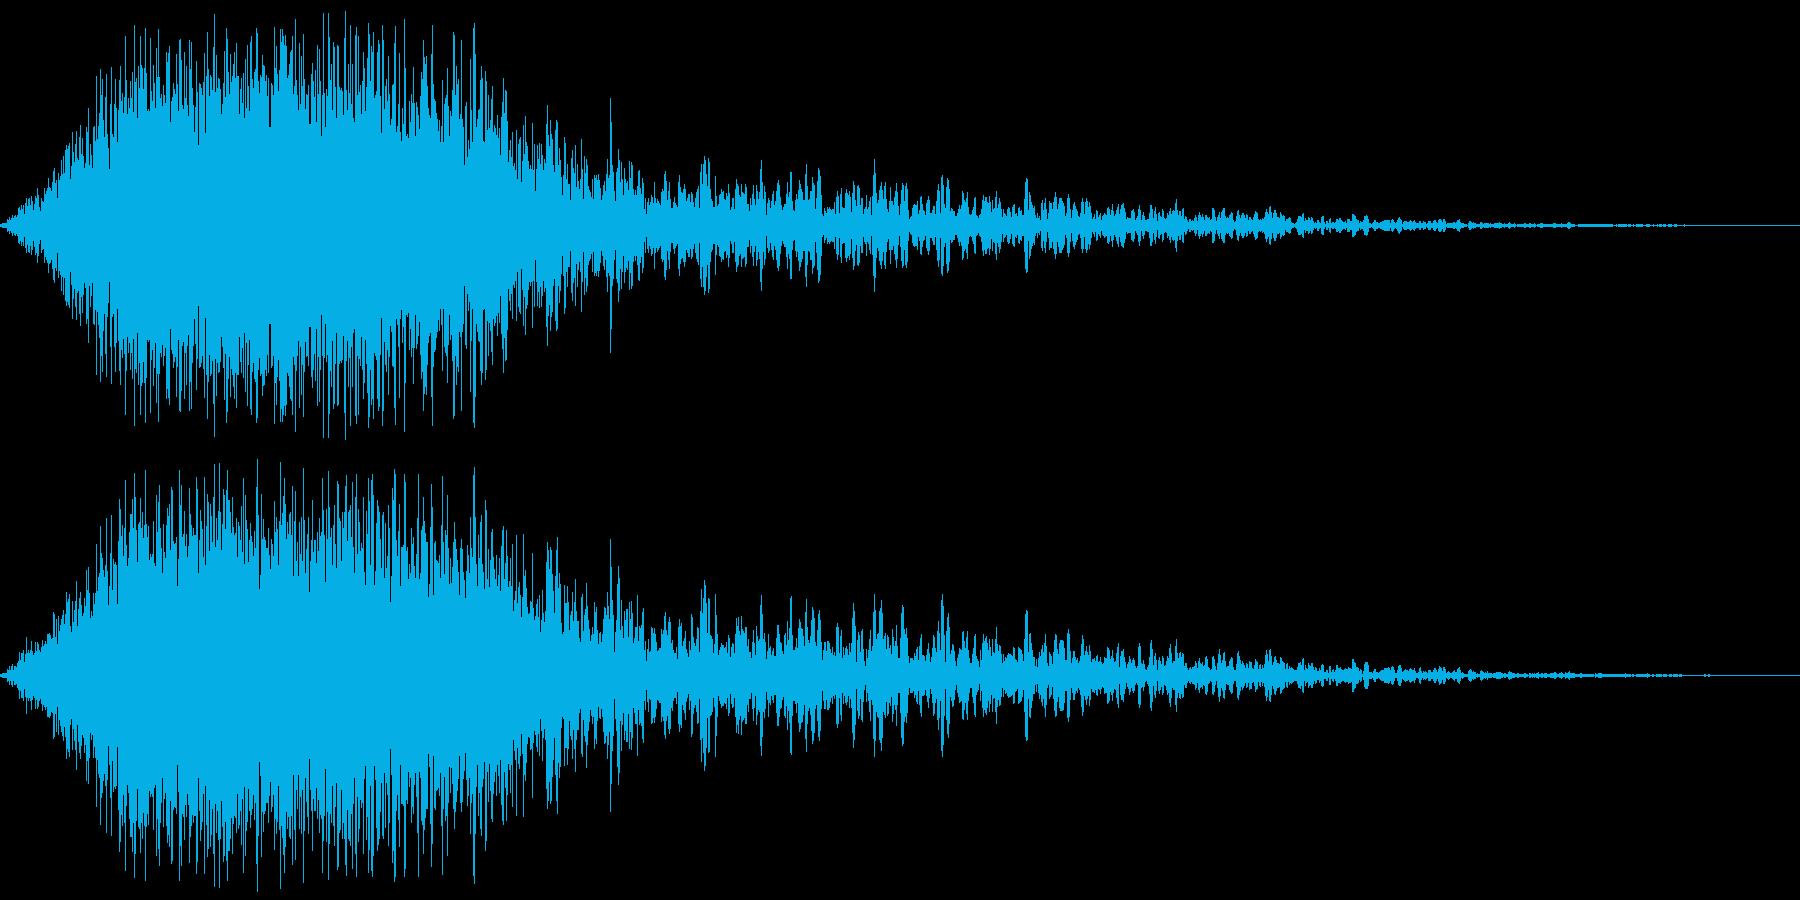 パンチの風切り音(スローモーション)の再生済みの波形